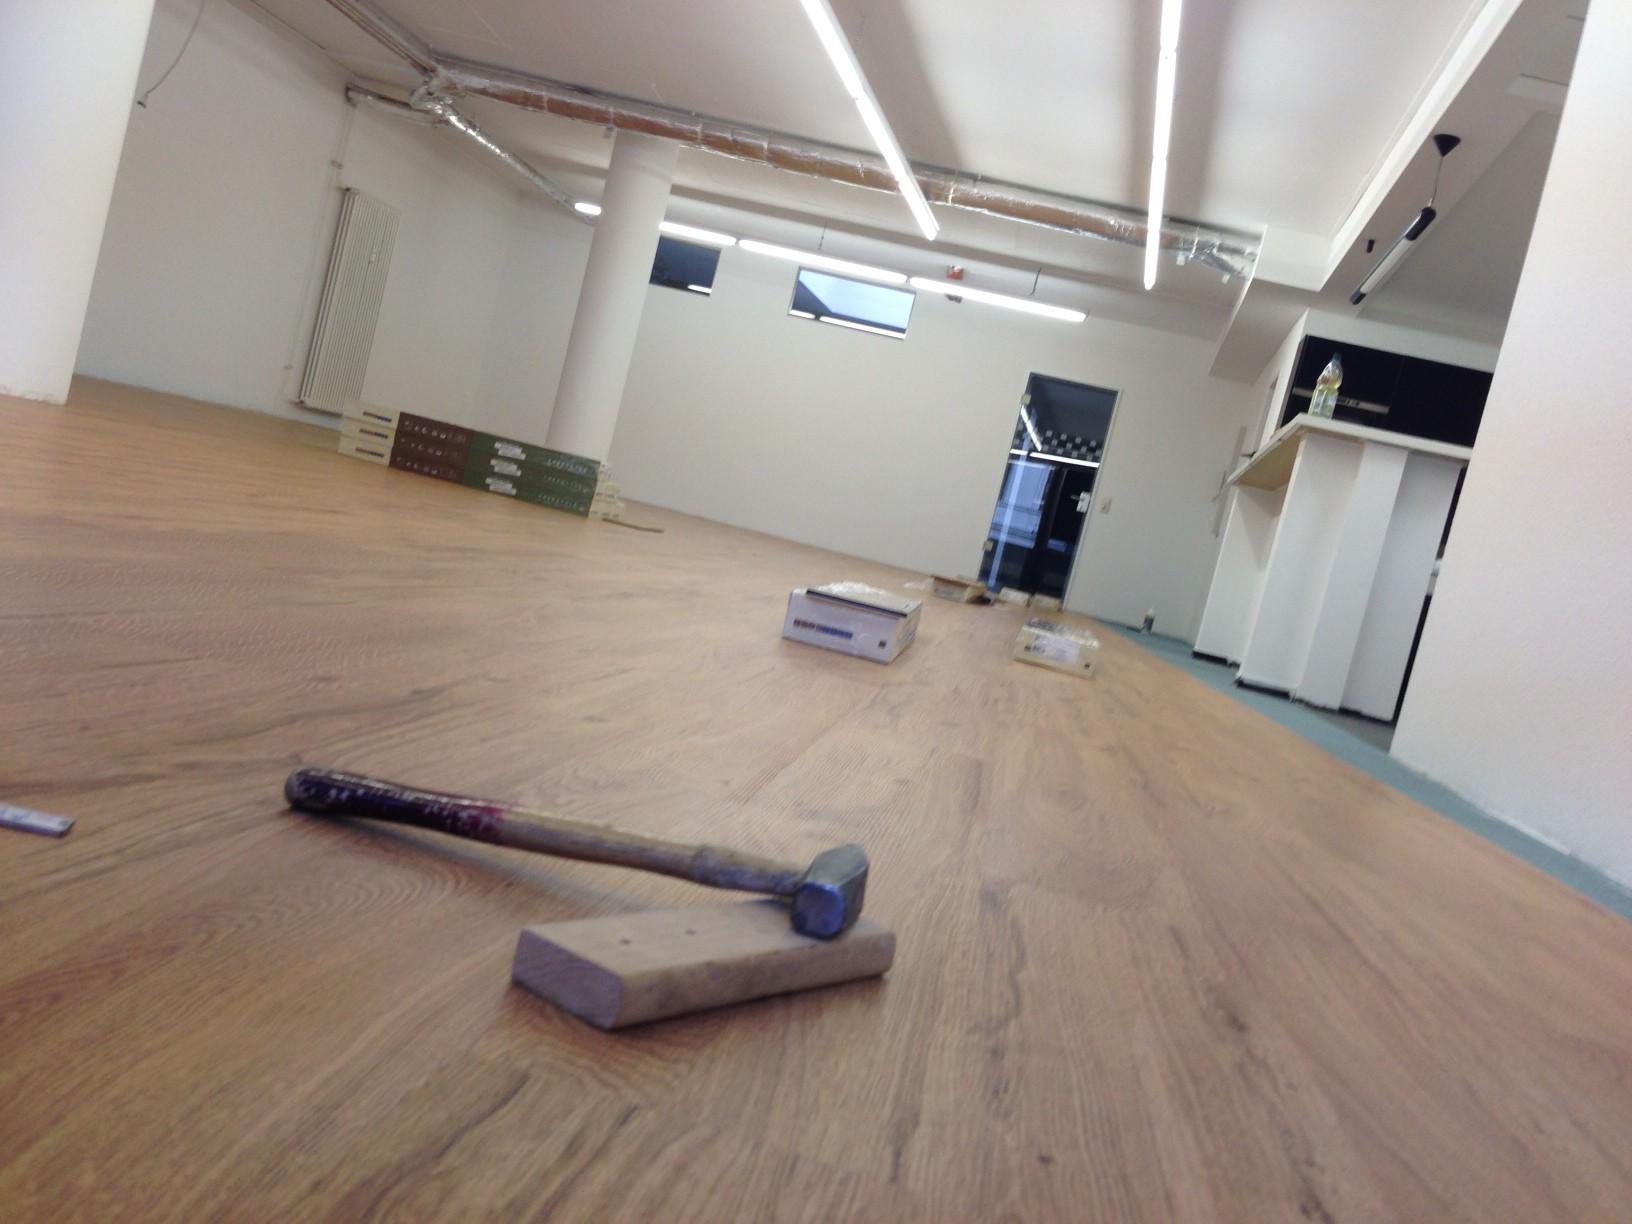 Fußboden Osb Zoro ~ Raumgestaltung bauer kürn fußboden osb zoro fußboden bauer